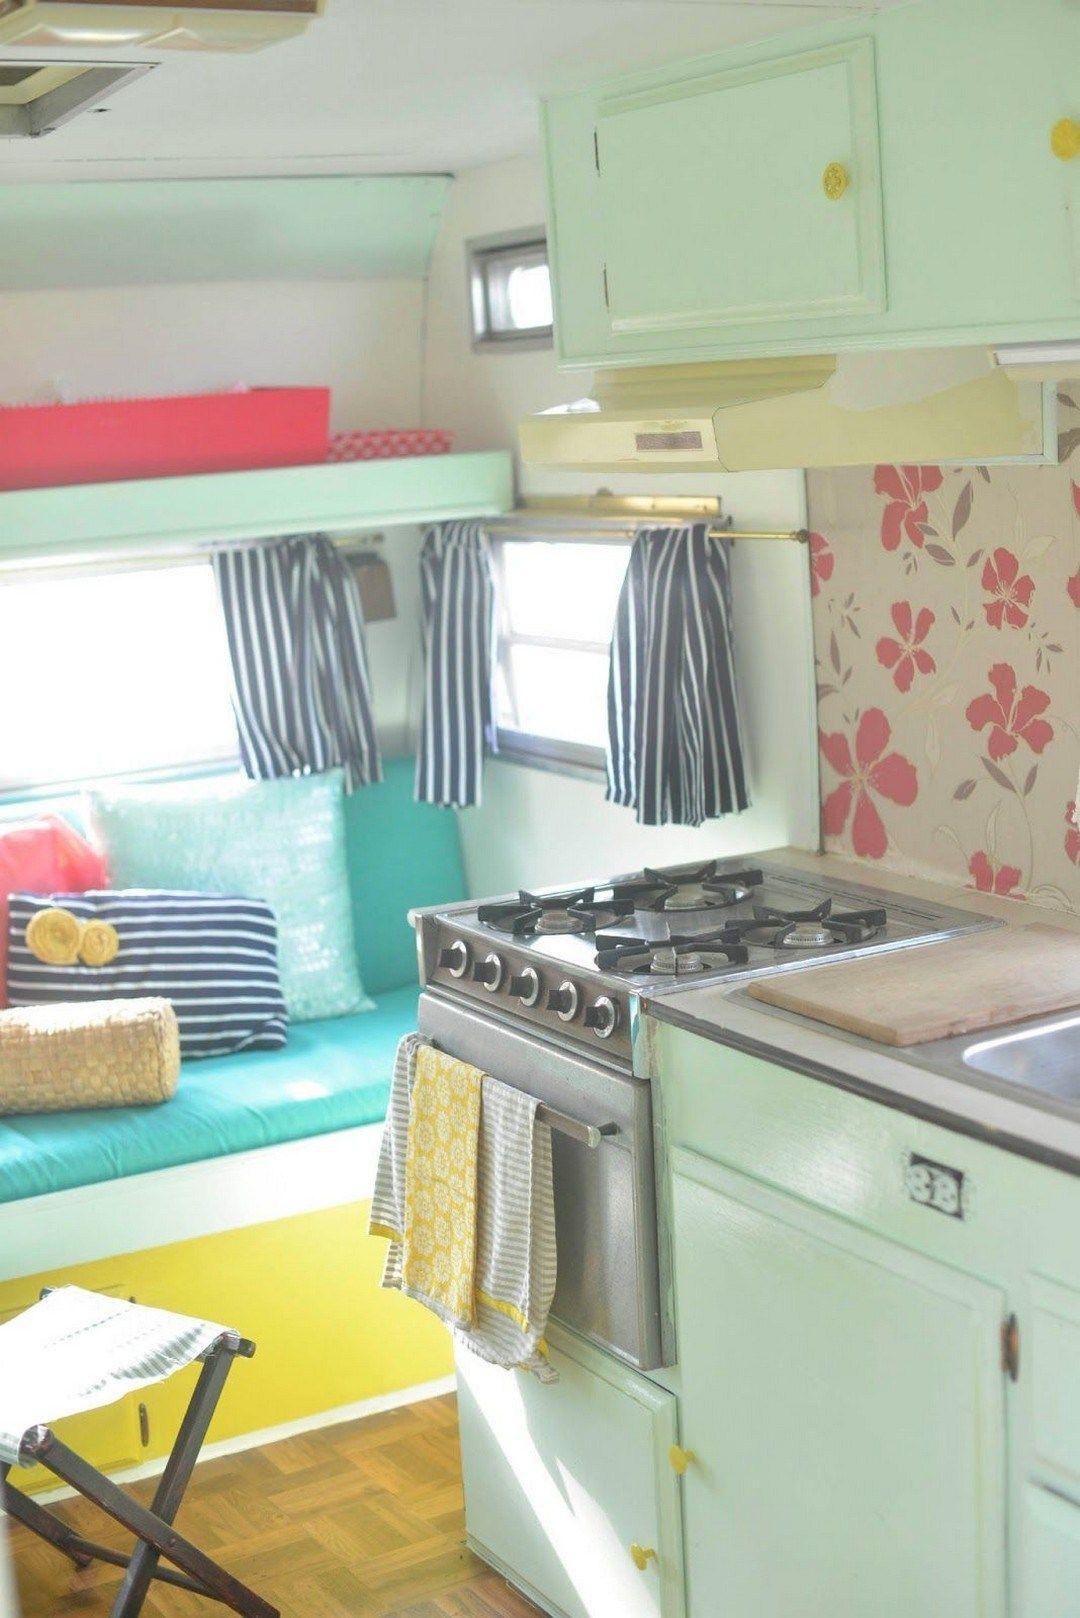 44 Vintage Camper Decor Transformed Into A Cozy Place (32 ...